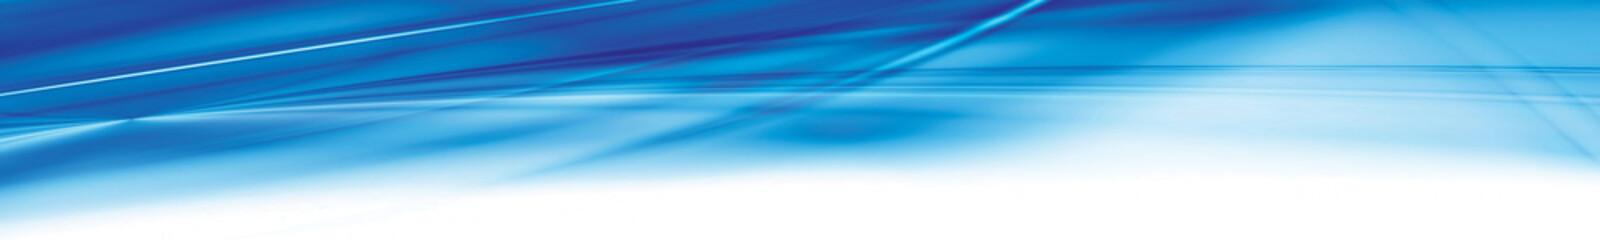 Mavi Arkaplan ve Şekiller